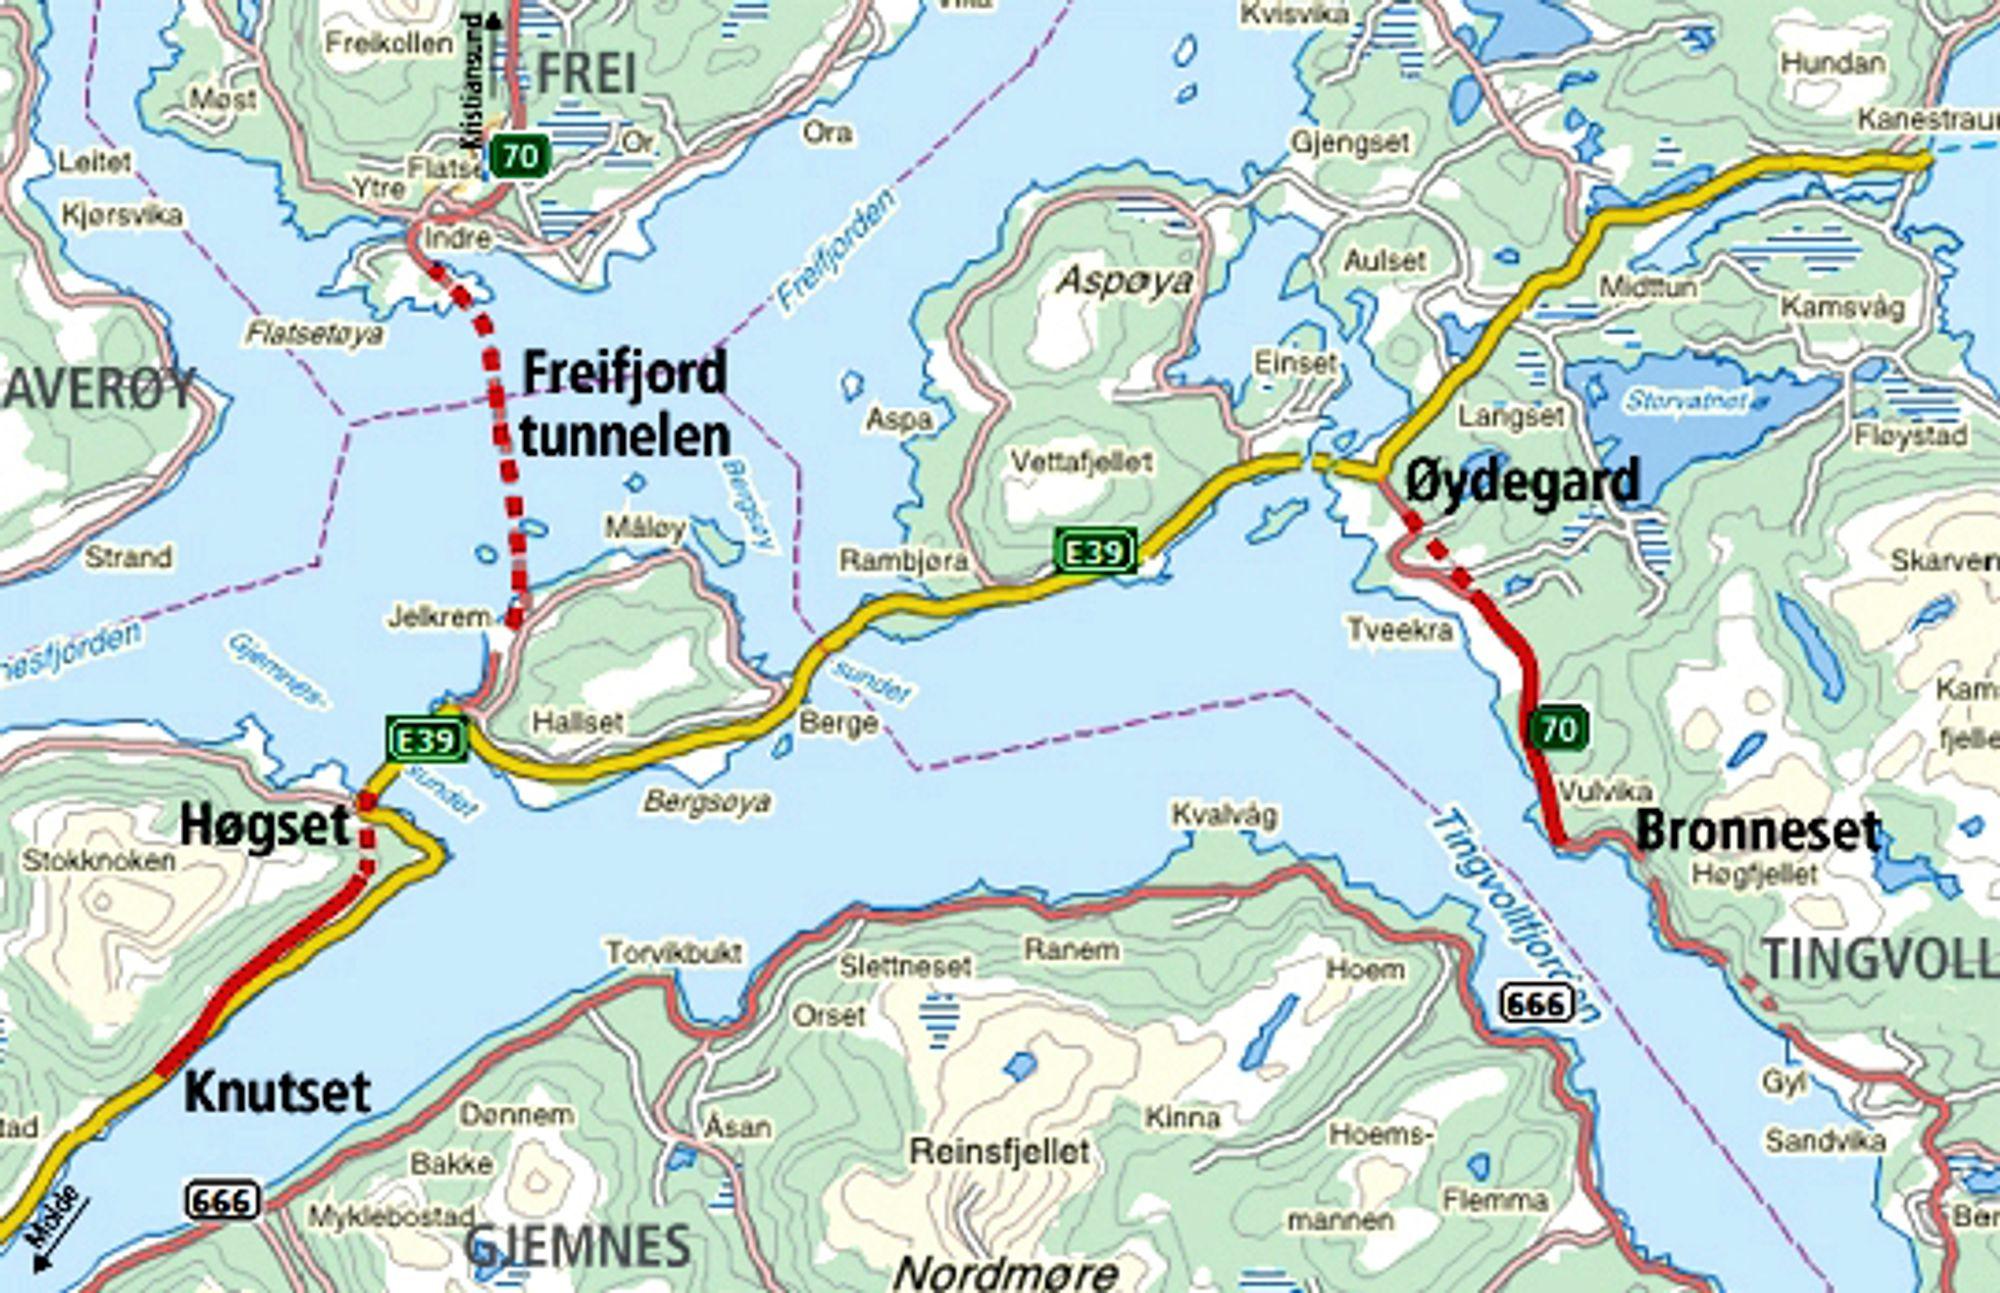 Et arbeidsfellesskap mellom Betonmast og Mika ligger godt an til å sikre seg to tunneljobber på Stor-Krifast. Tunnelene er markert like ved stedsnavnene Høgset og Øydegard.